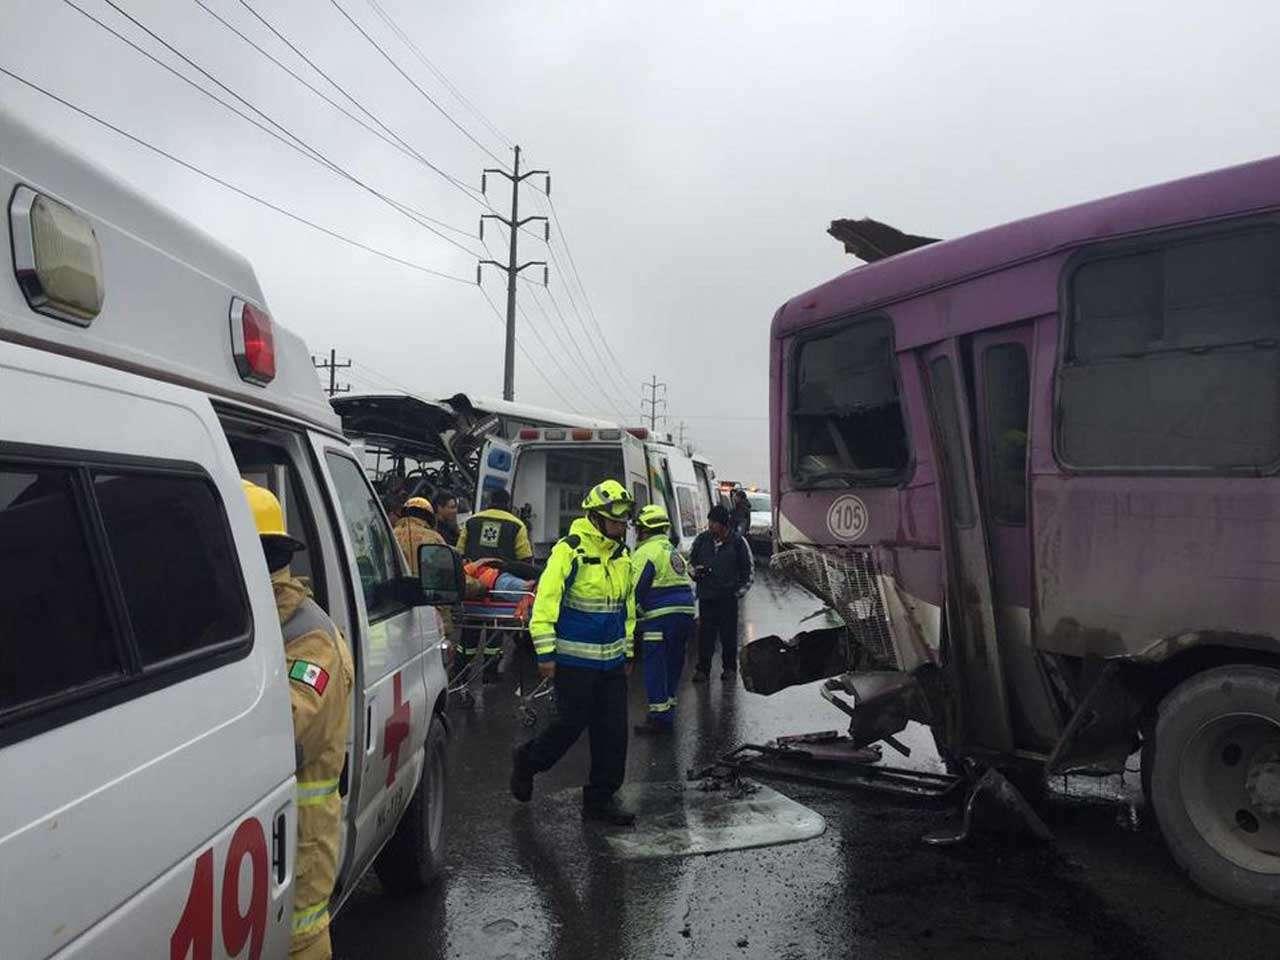 La colisión entre dos autobuses de pasajeros en Santa Catarina, Nuevo León, dejó al menos 24 heridos, 2 de marzo de 2015. Foto: @pcsantacatarina/Twitter